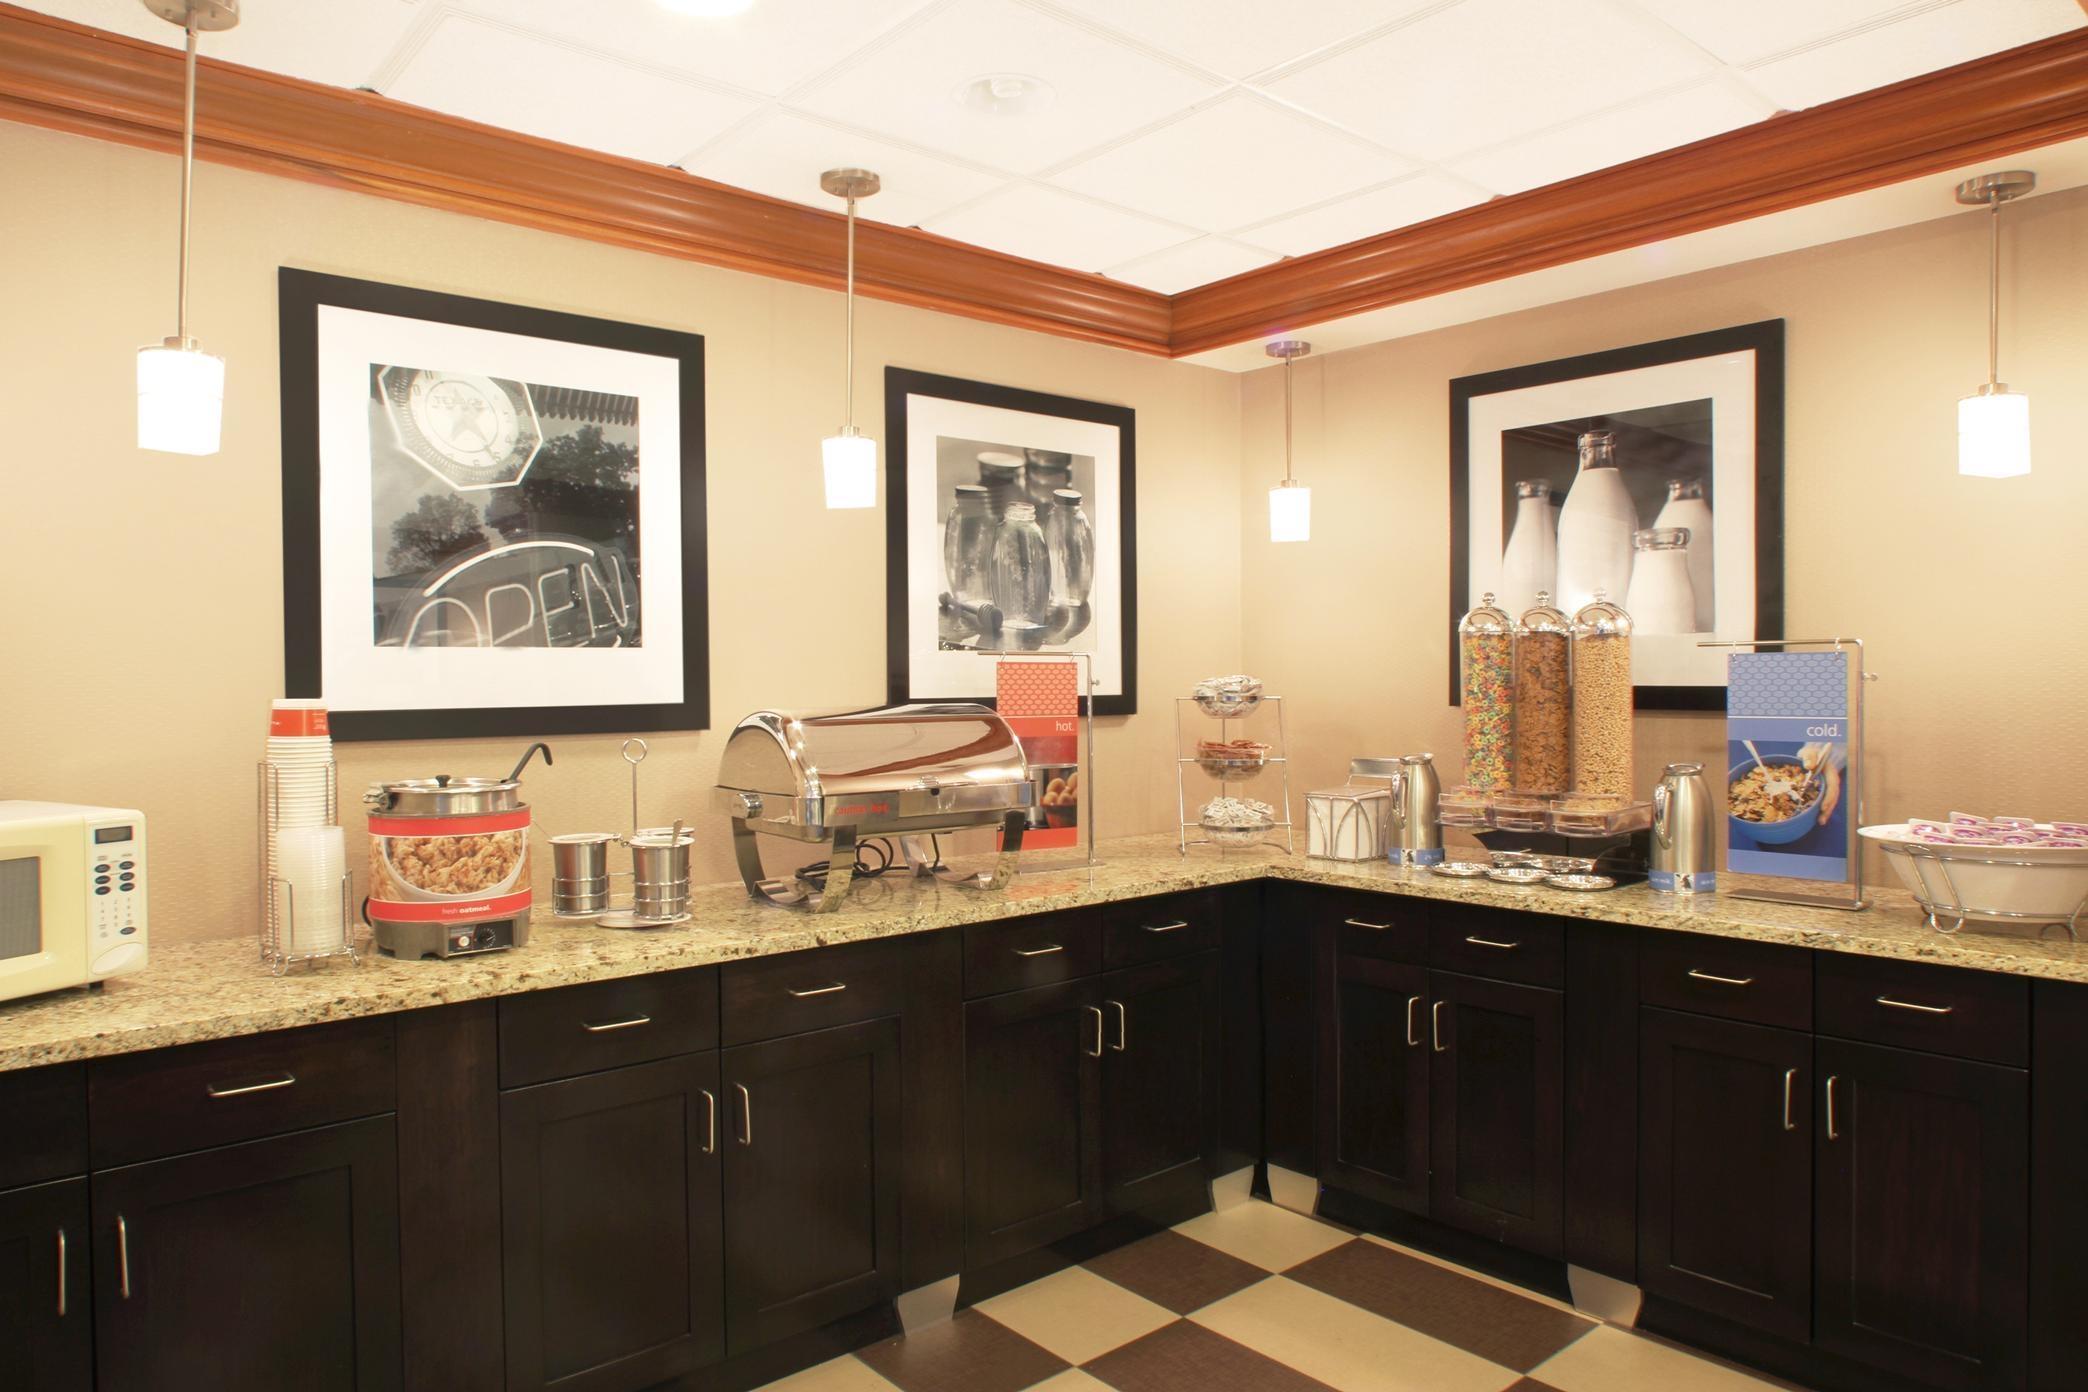 Hampton Inn & Suites Port St. Lucie, West image 7